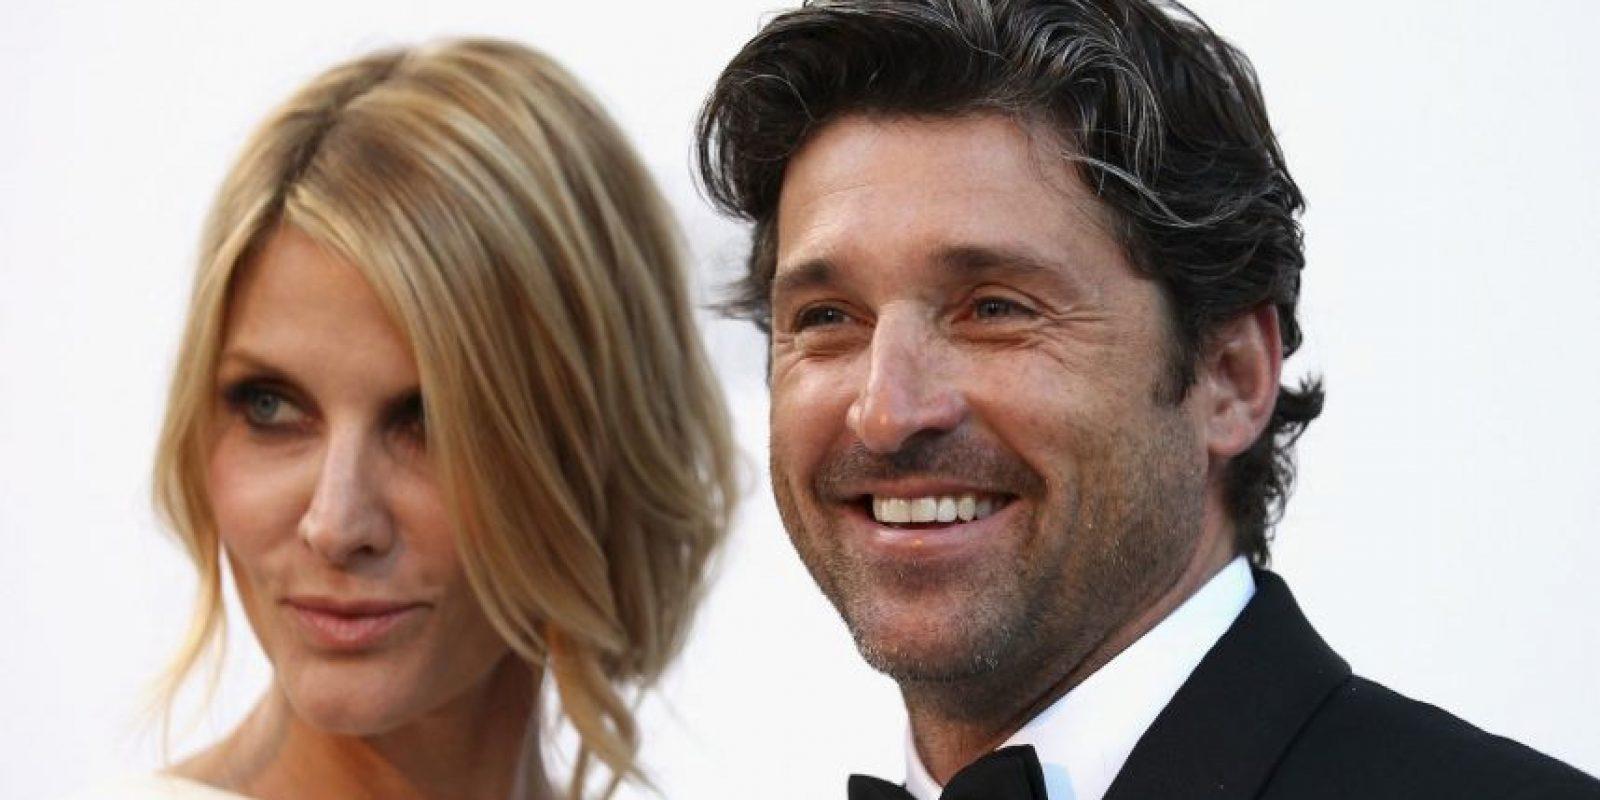 """Luego de 15 años de matrimonio y tres hijos en común, en enero el actor de """"Grey's Anatomy"""" anunció su divorcio de Fink. Foto:Getty Images"""